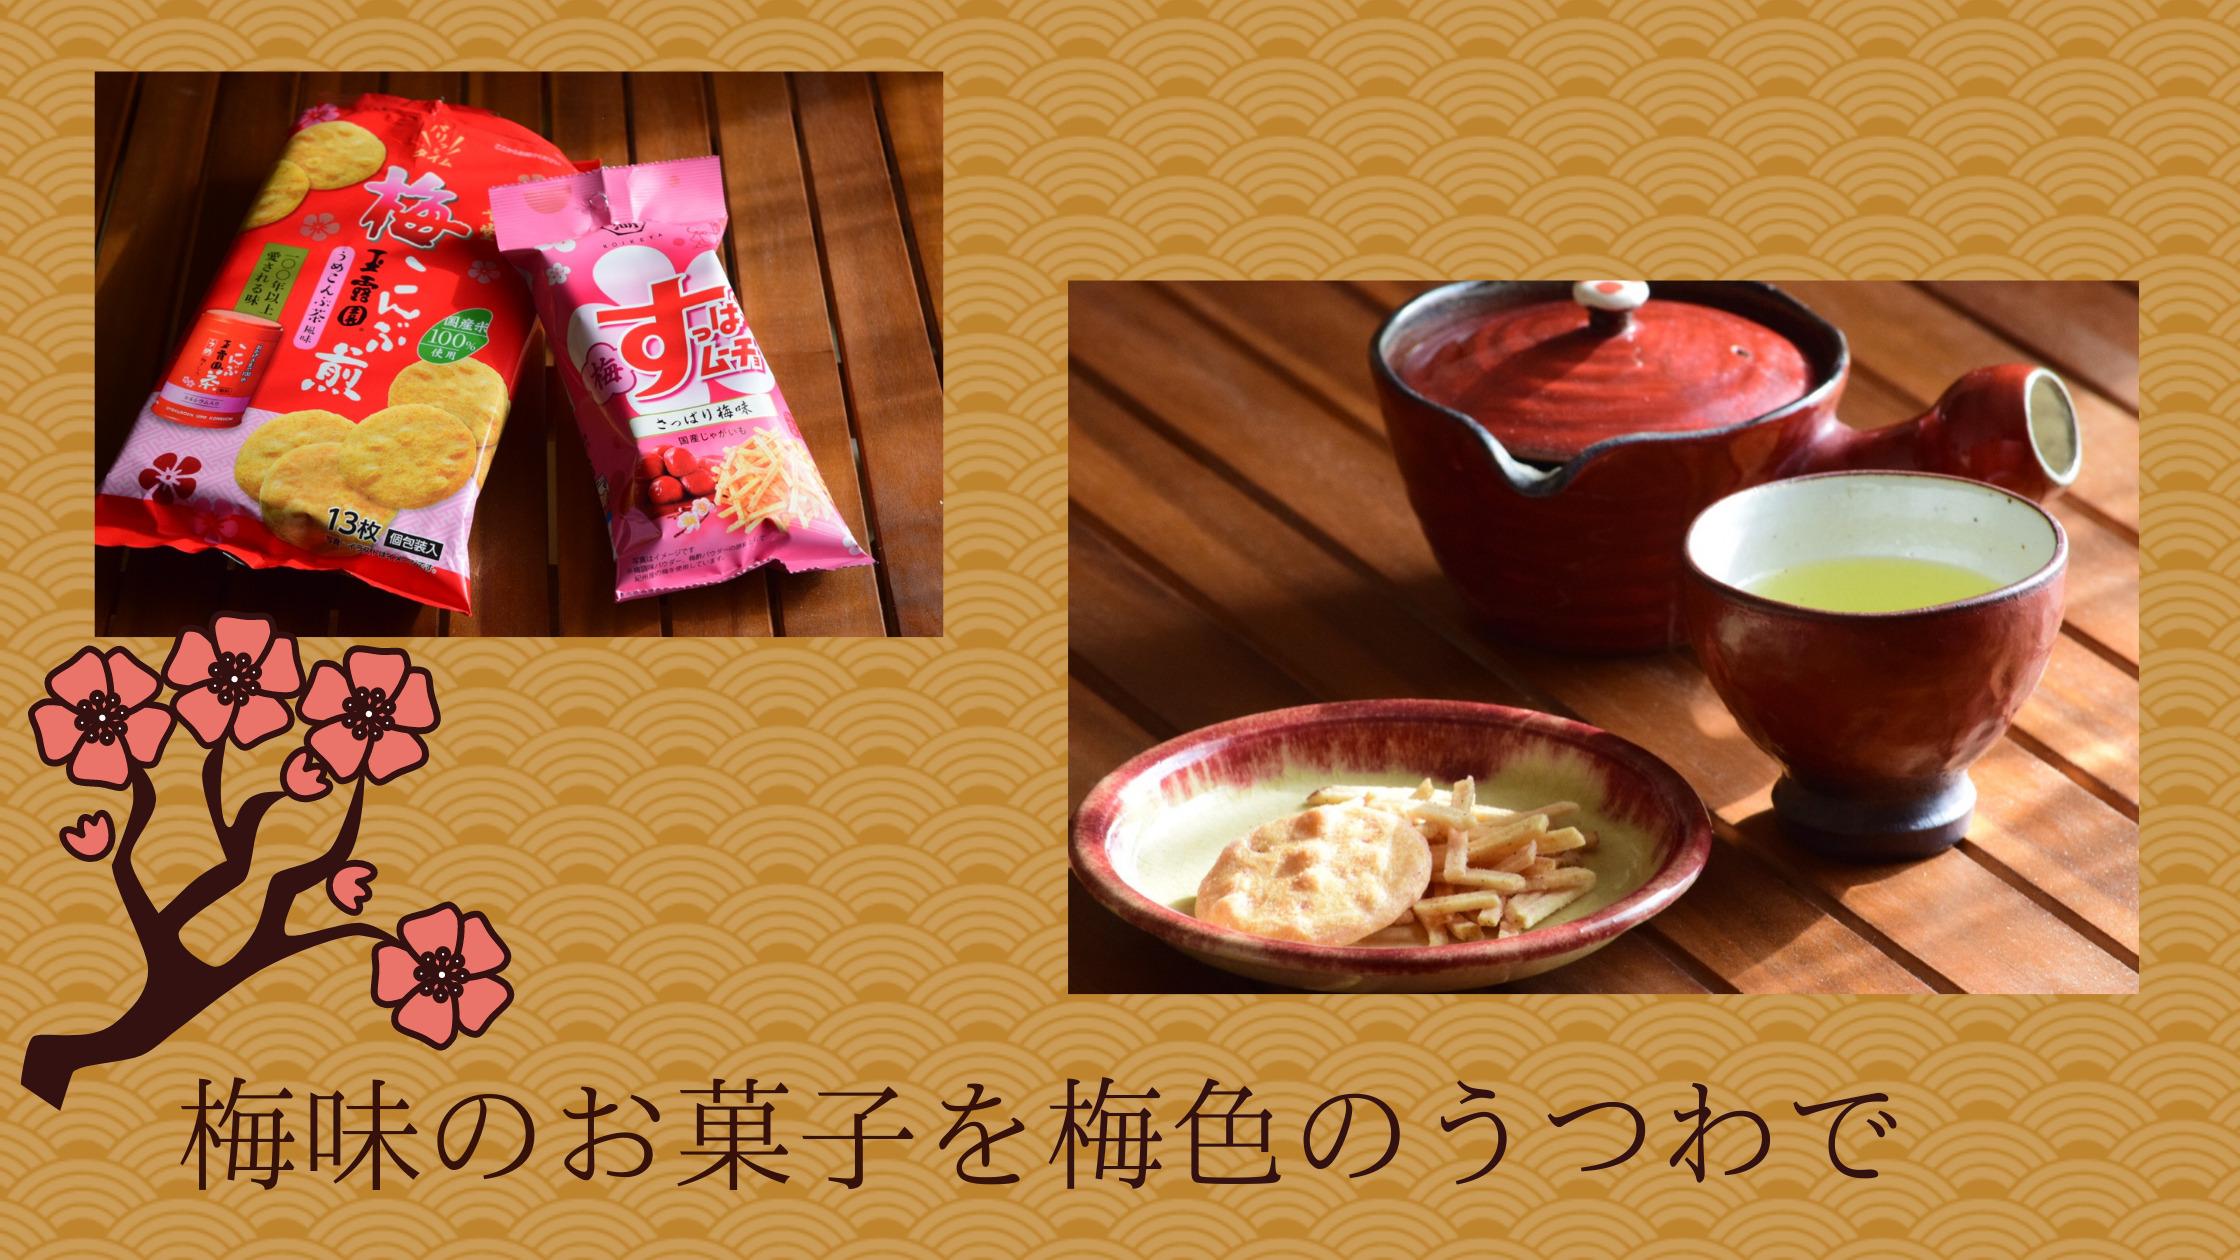 梅味のお菓子と梅色のうつわ